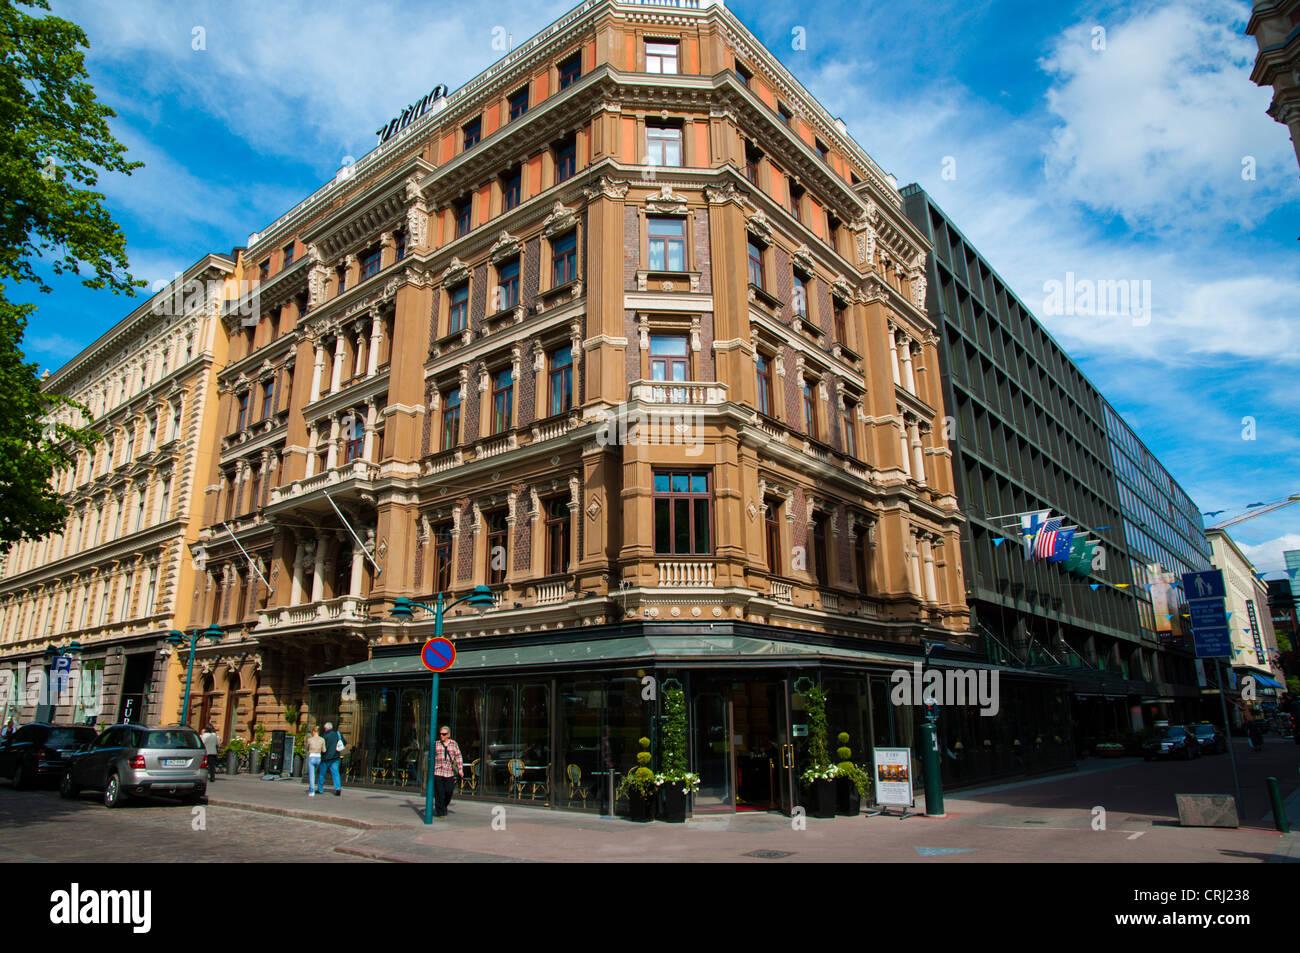 Downtown Helsinki Hotels